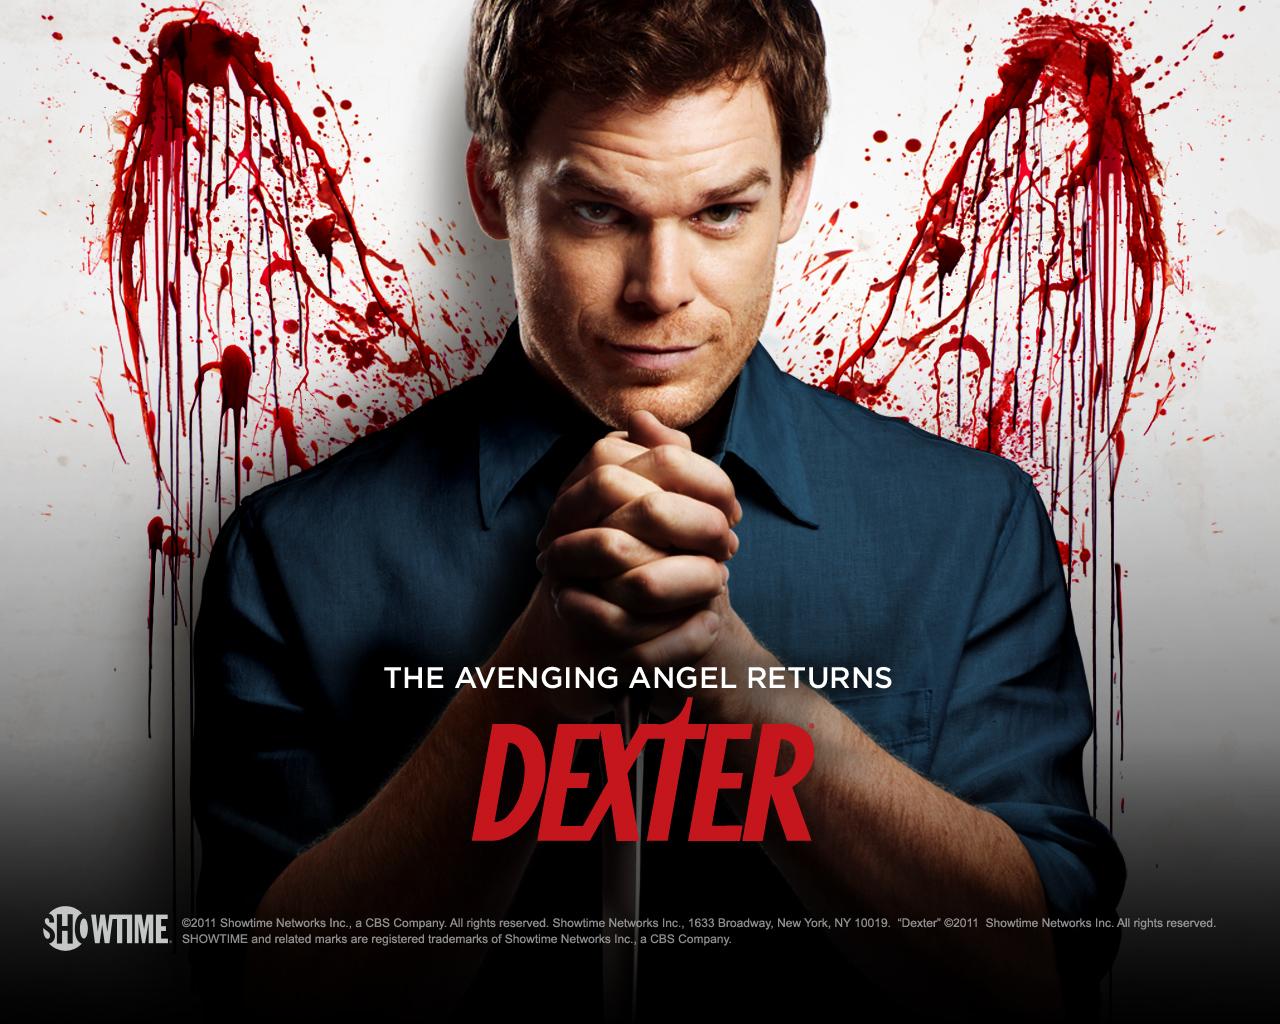 Download HQ Dexter wallpaper / TV Serials / 1280x1024